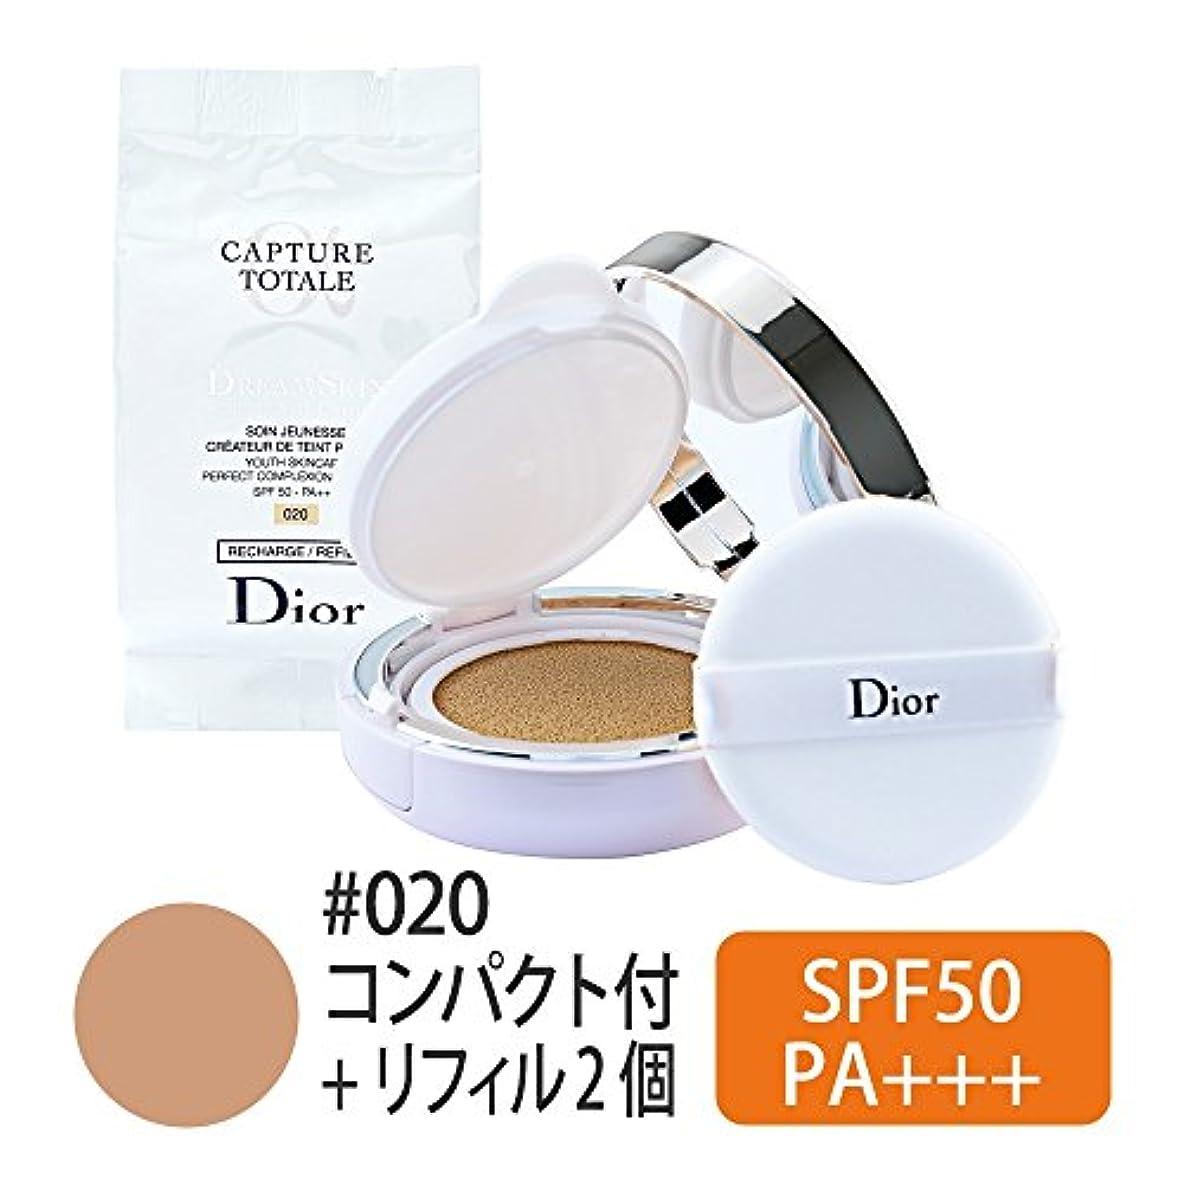 衣服侵入する同時Christian Dior クリスチャン ディオール カプチュール トータル ドリーム スキン クッション #020 SPF50-PA+++ 15g x 2 [並行輸入品]